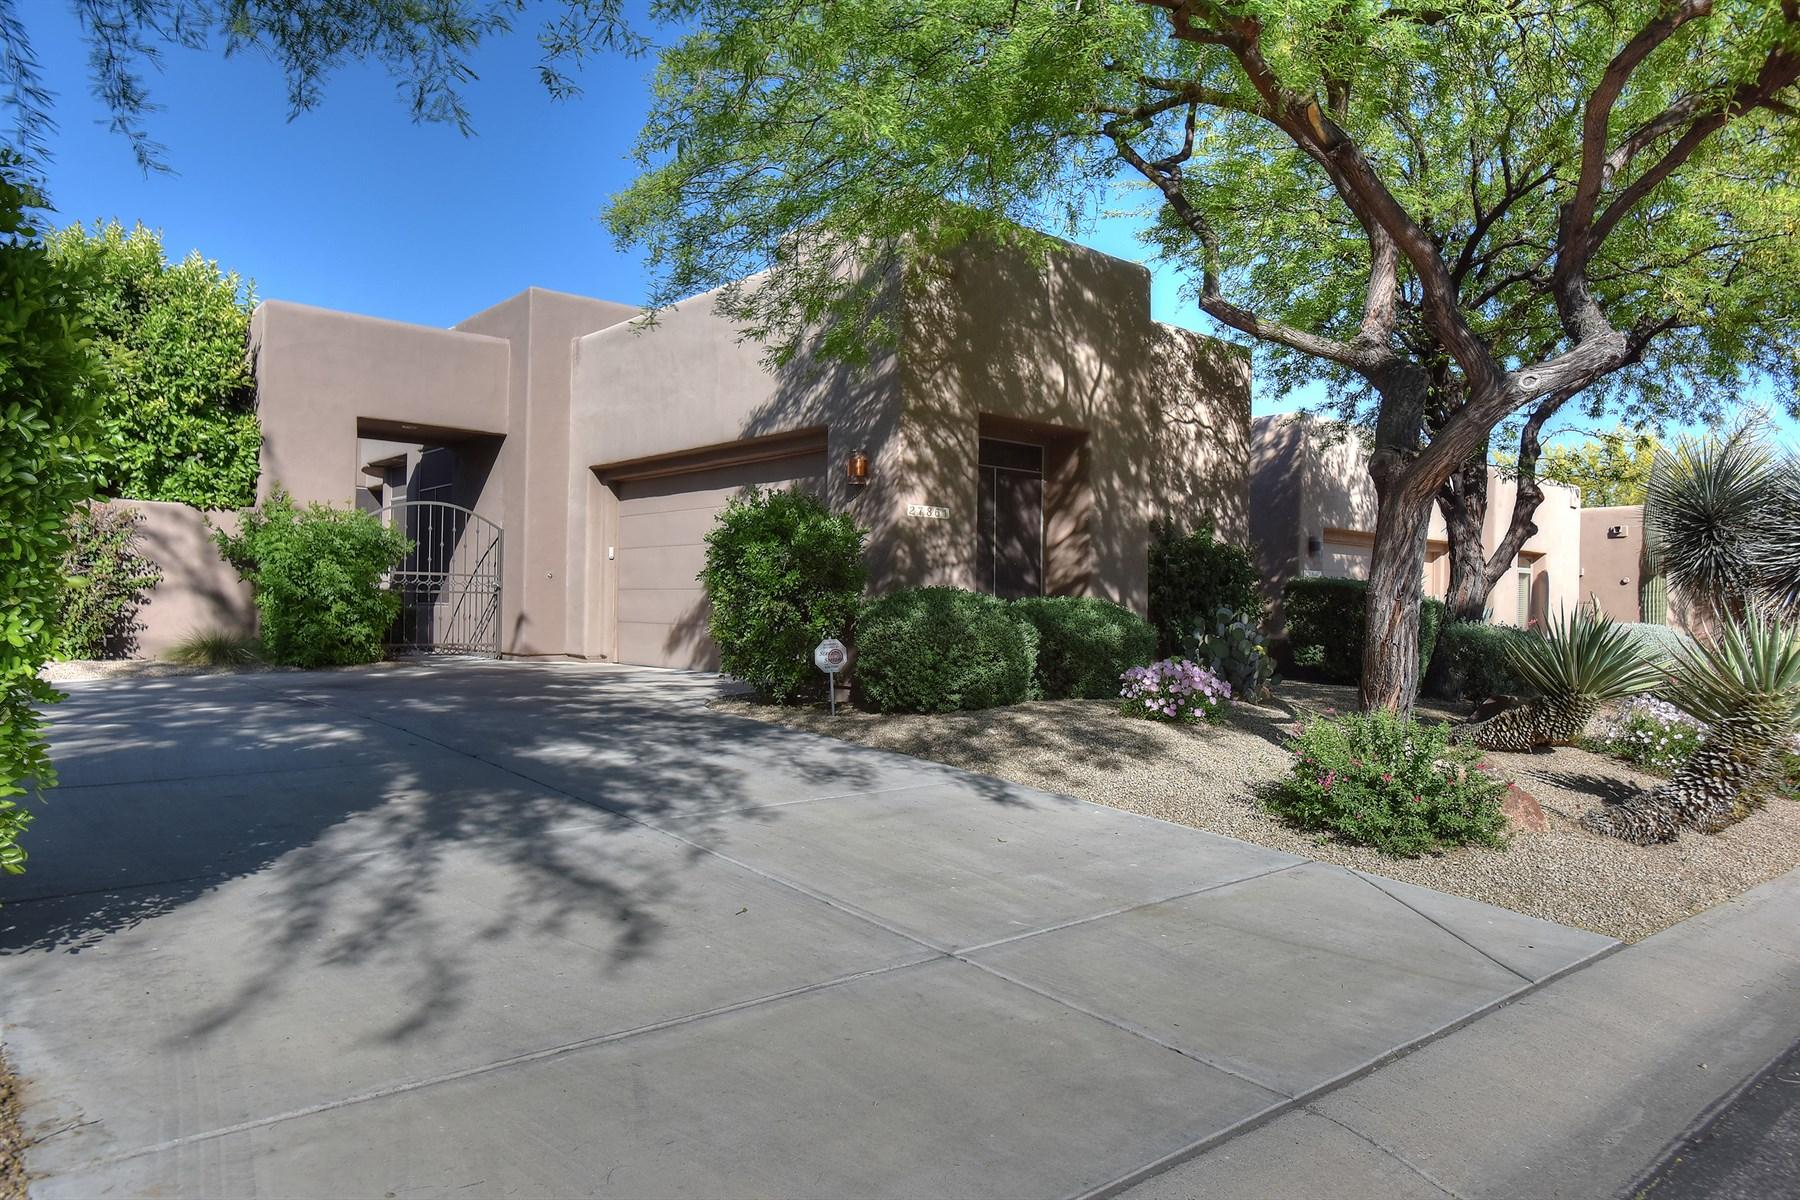 Nhà ở một gia đình vì Bán tại Immaculate, updated & sophisticated gated Troon living. 27861 N 108TH WAY Scottsdale, Arizona 85262 Hoa Kỳ